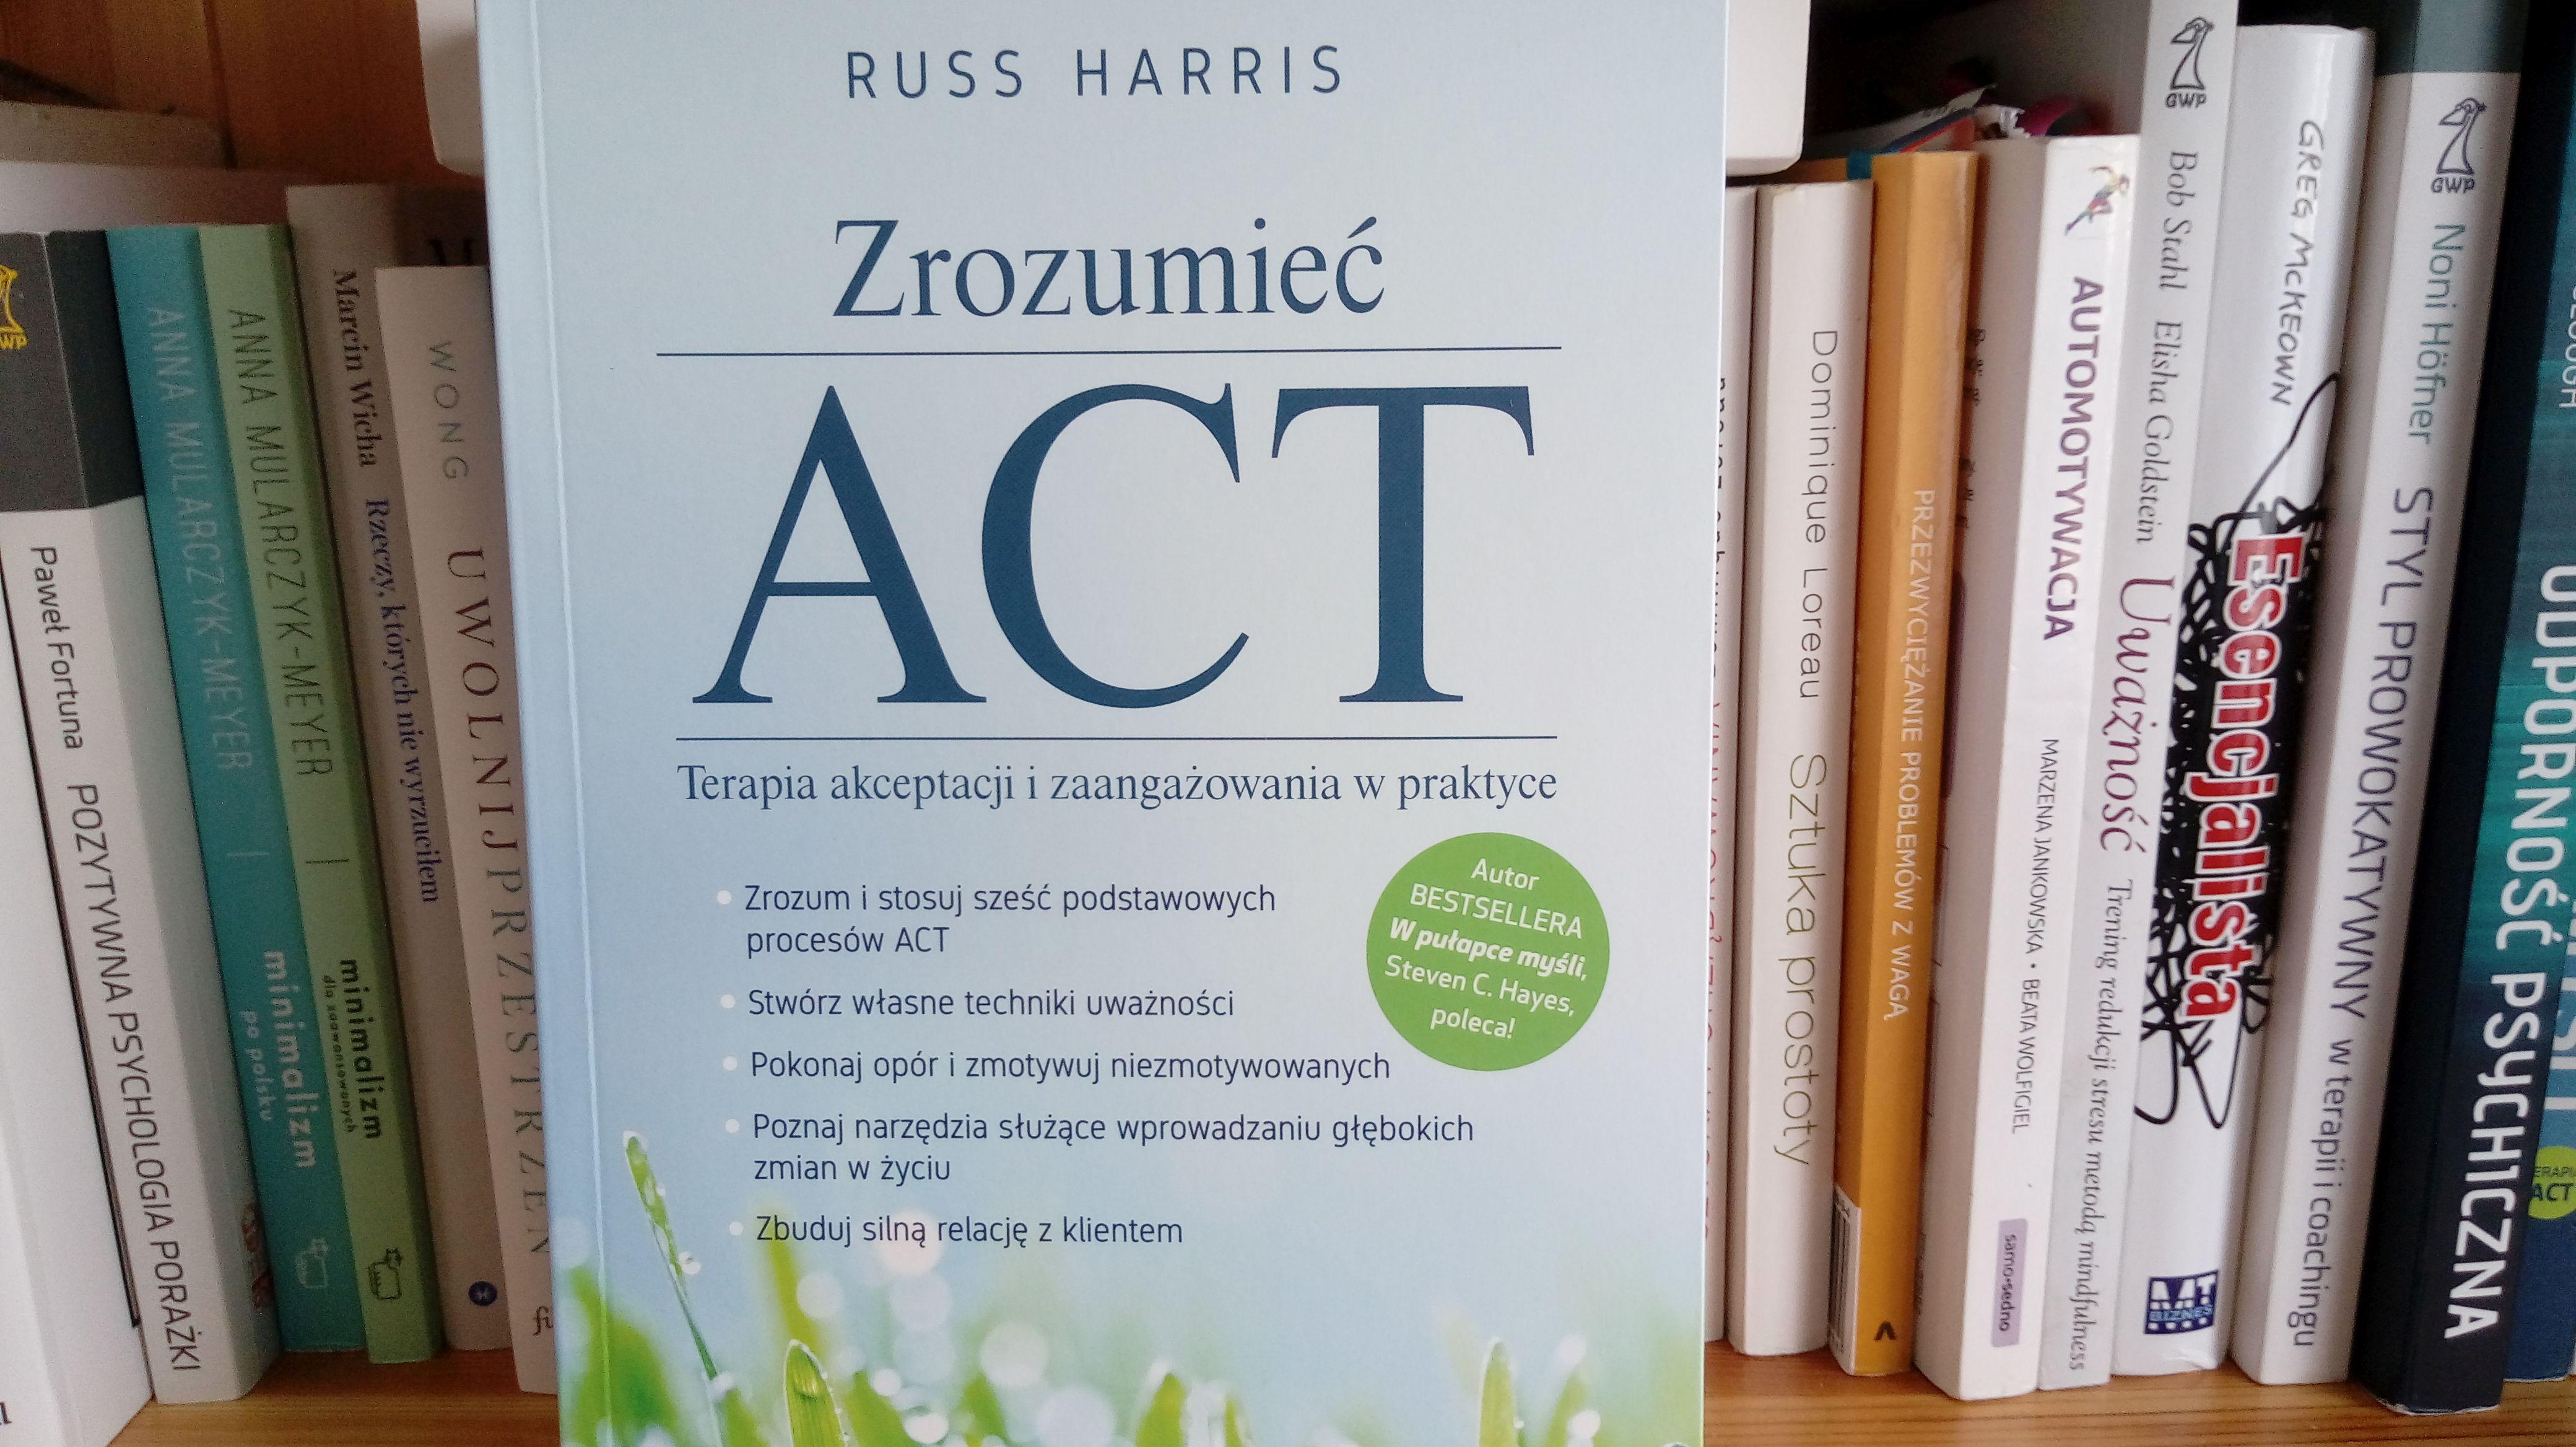 zrozumiec act terapia akceptacji i zaangażowania w praktyce